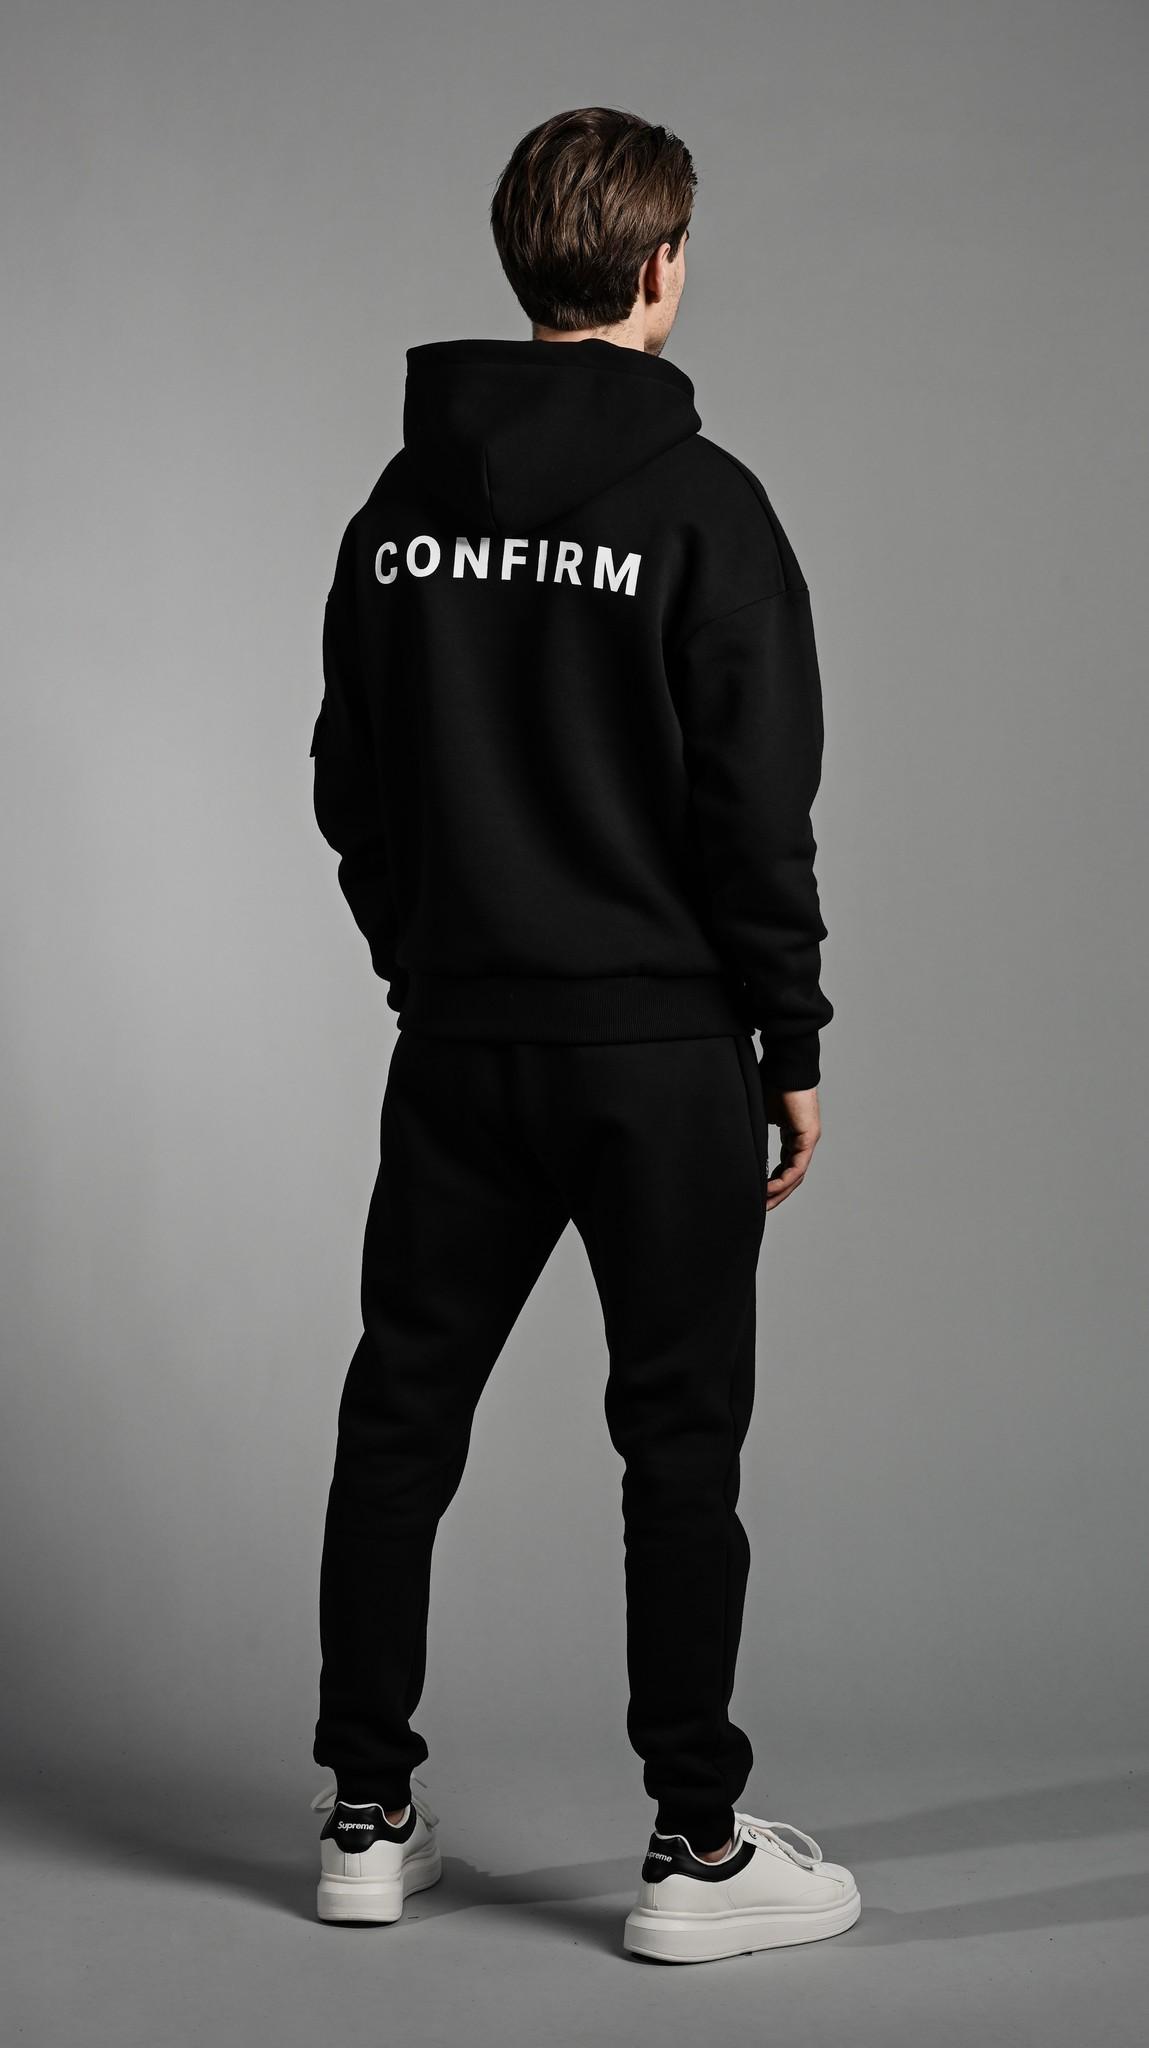 Confirm hoodie pocketlabel - black/pink-4